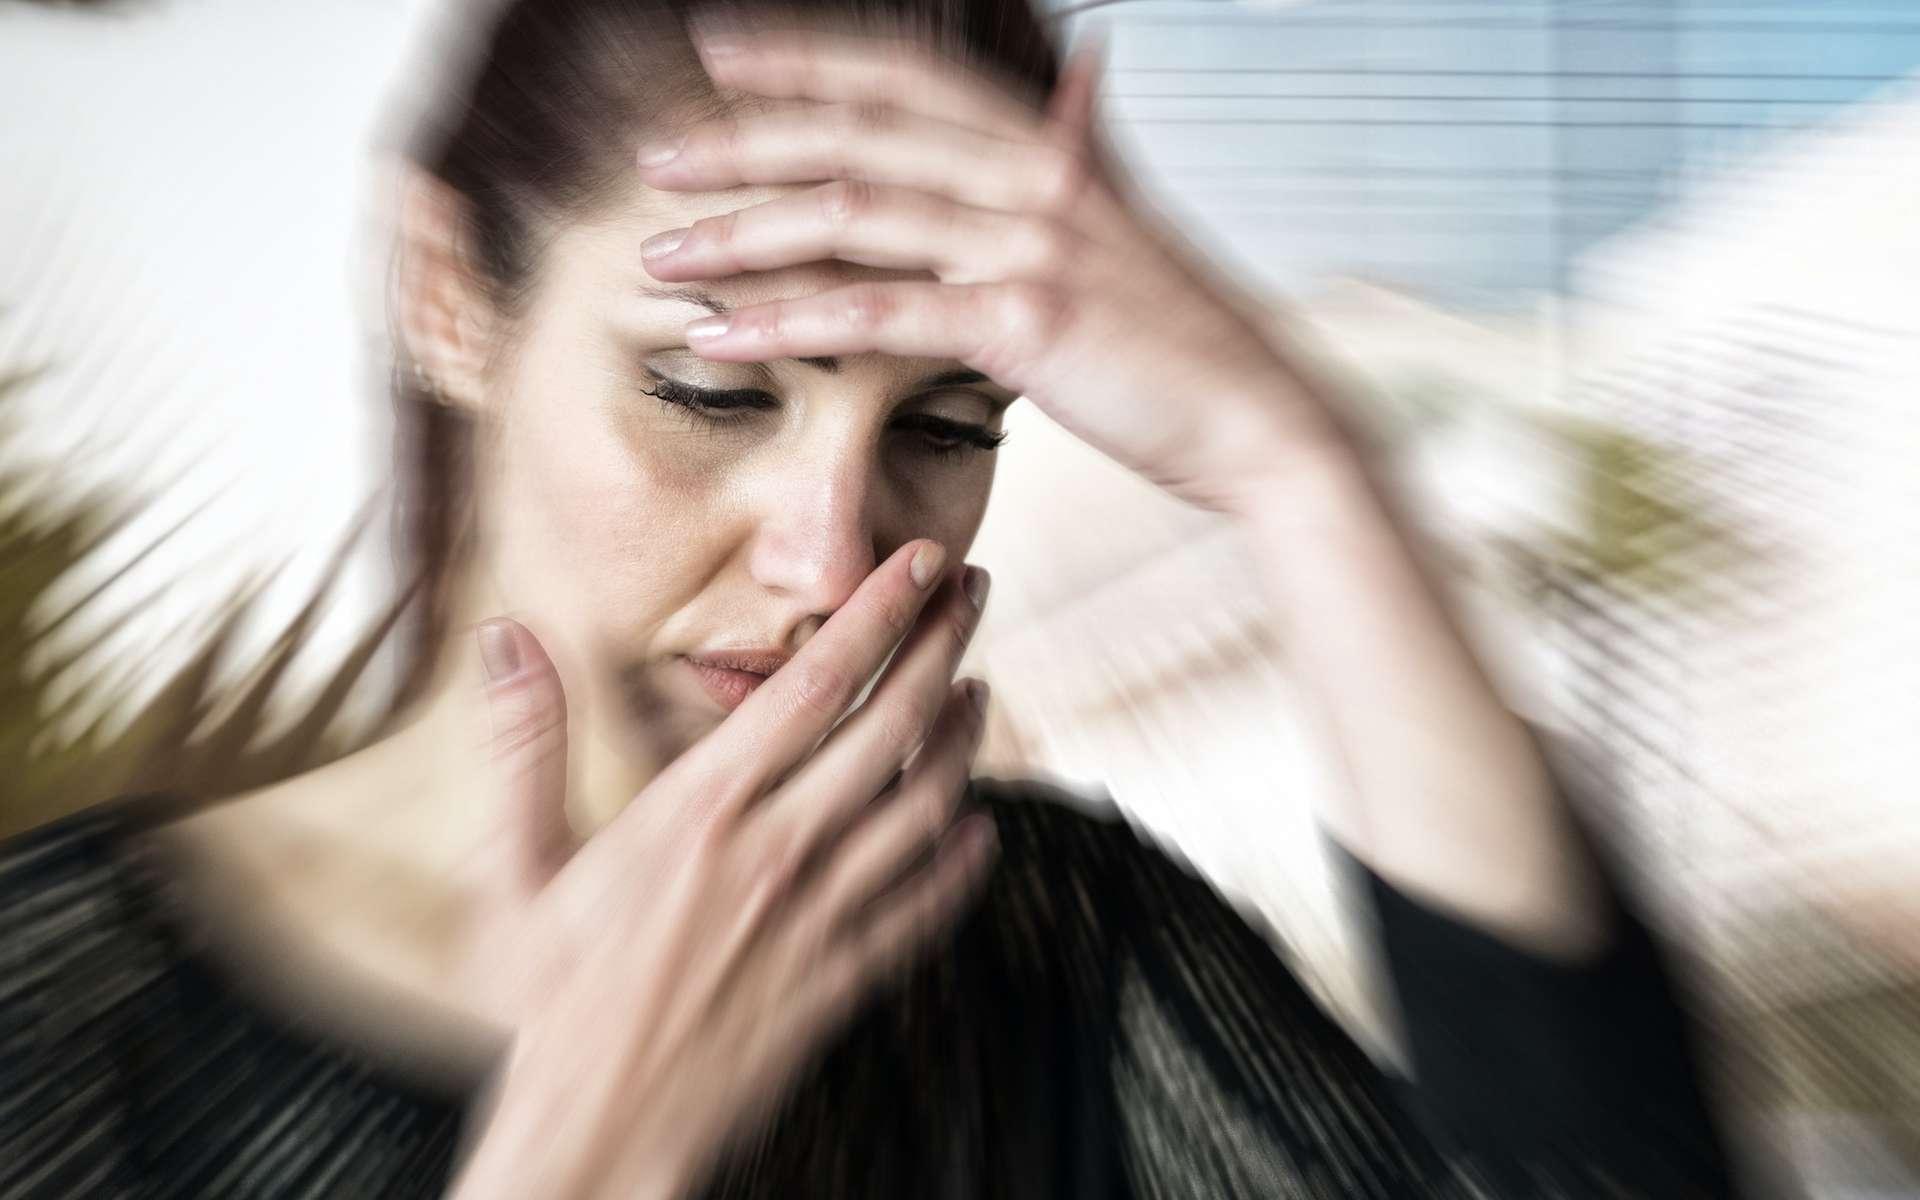 La migraine ophtalmique se manifeste par une aura lumineuse. © vectorfusionart, Adobe Stock